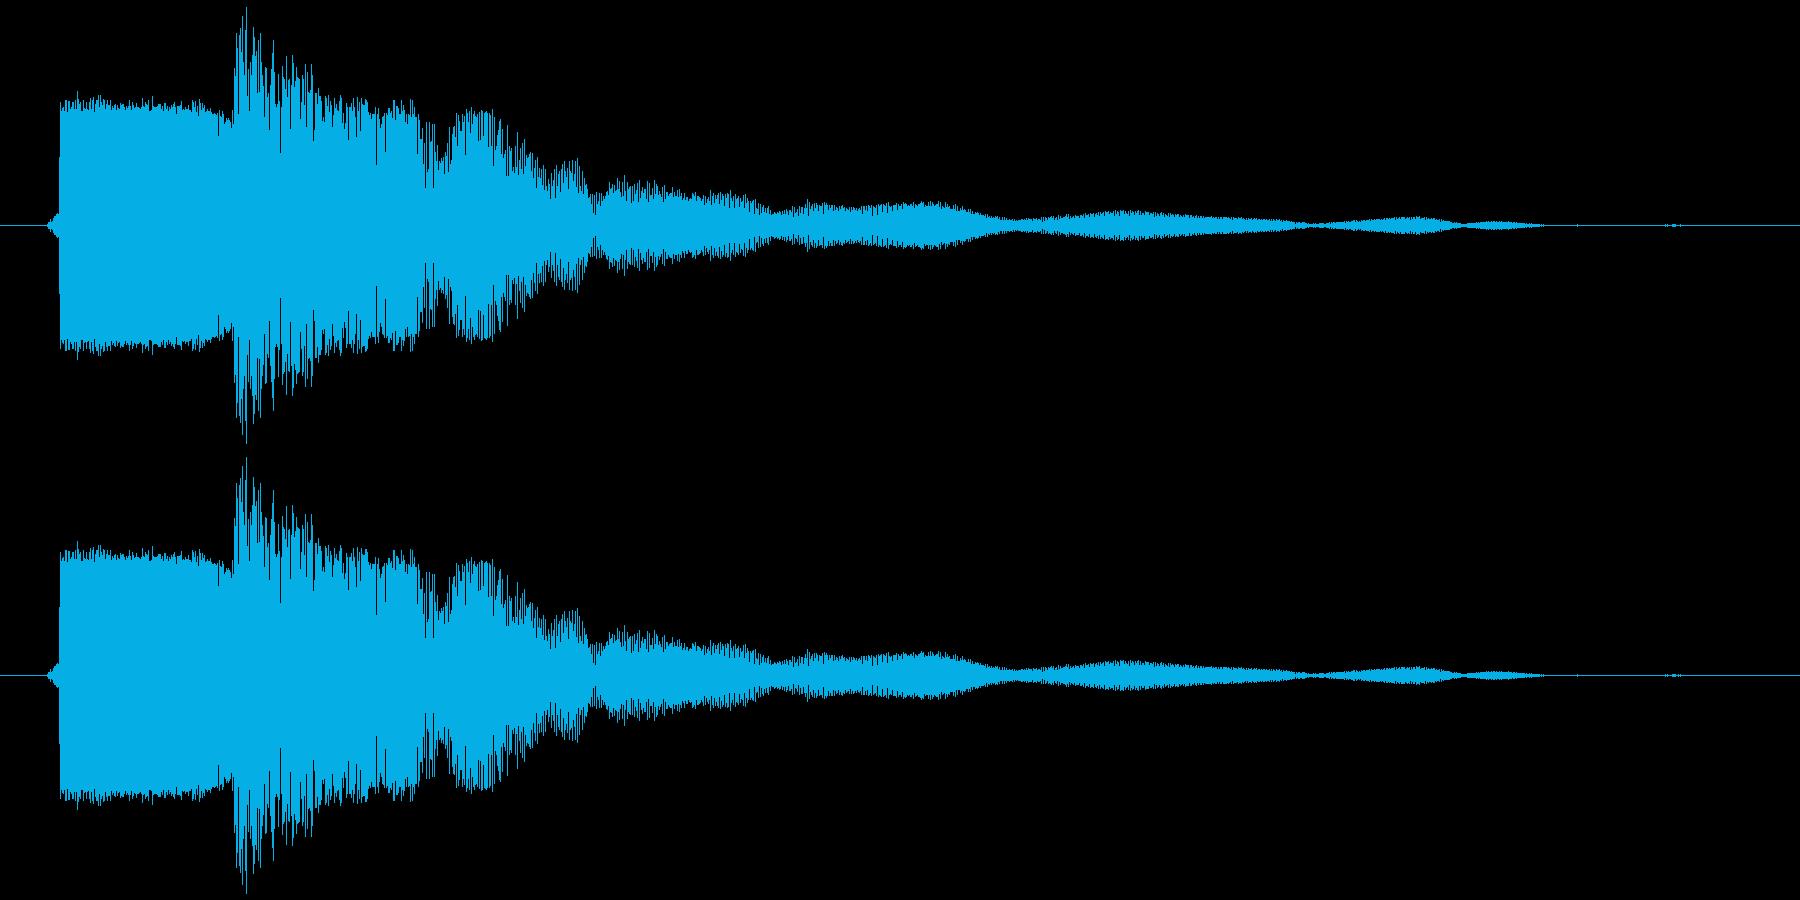 カキーン 金属音 衝撃音 打撃音の再生済みの波形